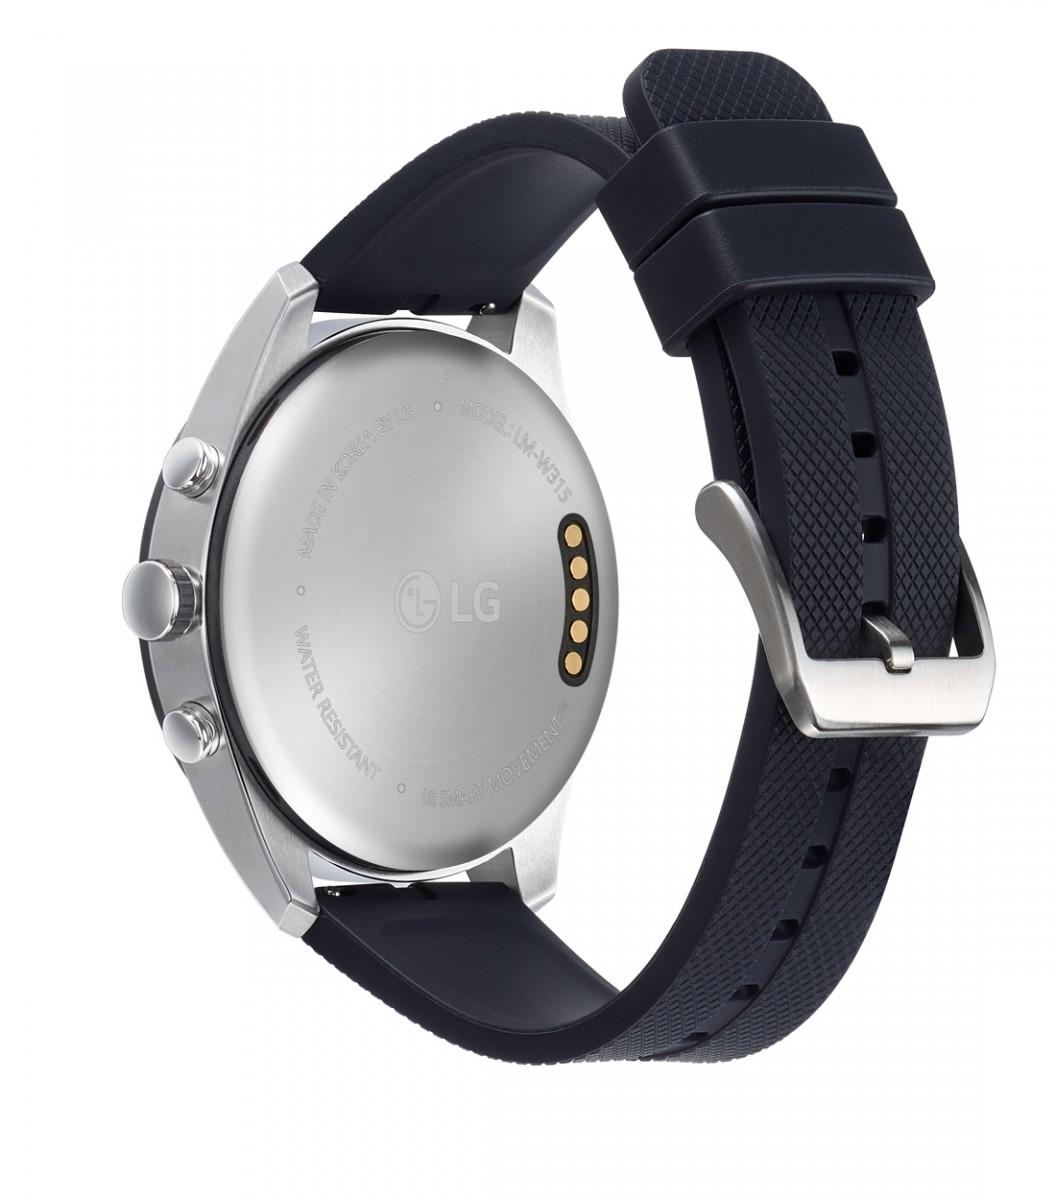 """Το LG Watch W7 """"παντρεύει"""" τις λειτουργίες του Wear OS σε ένα κλασσικό αναλογικό ρολόι 3"""